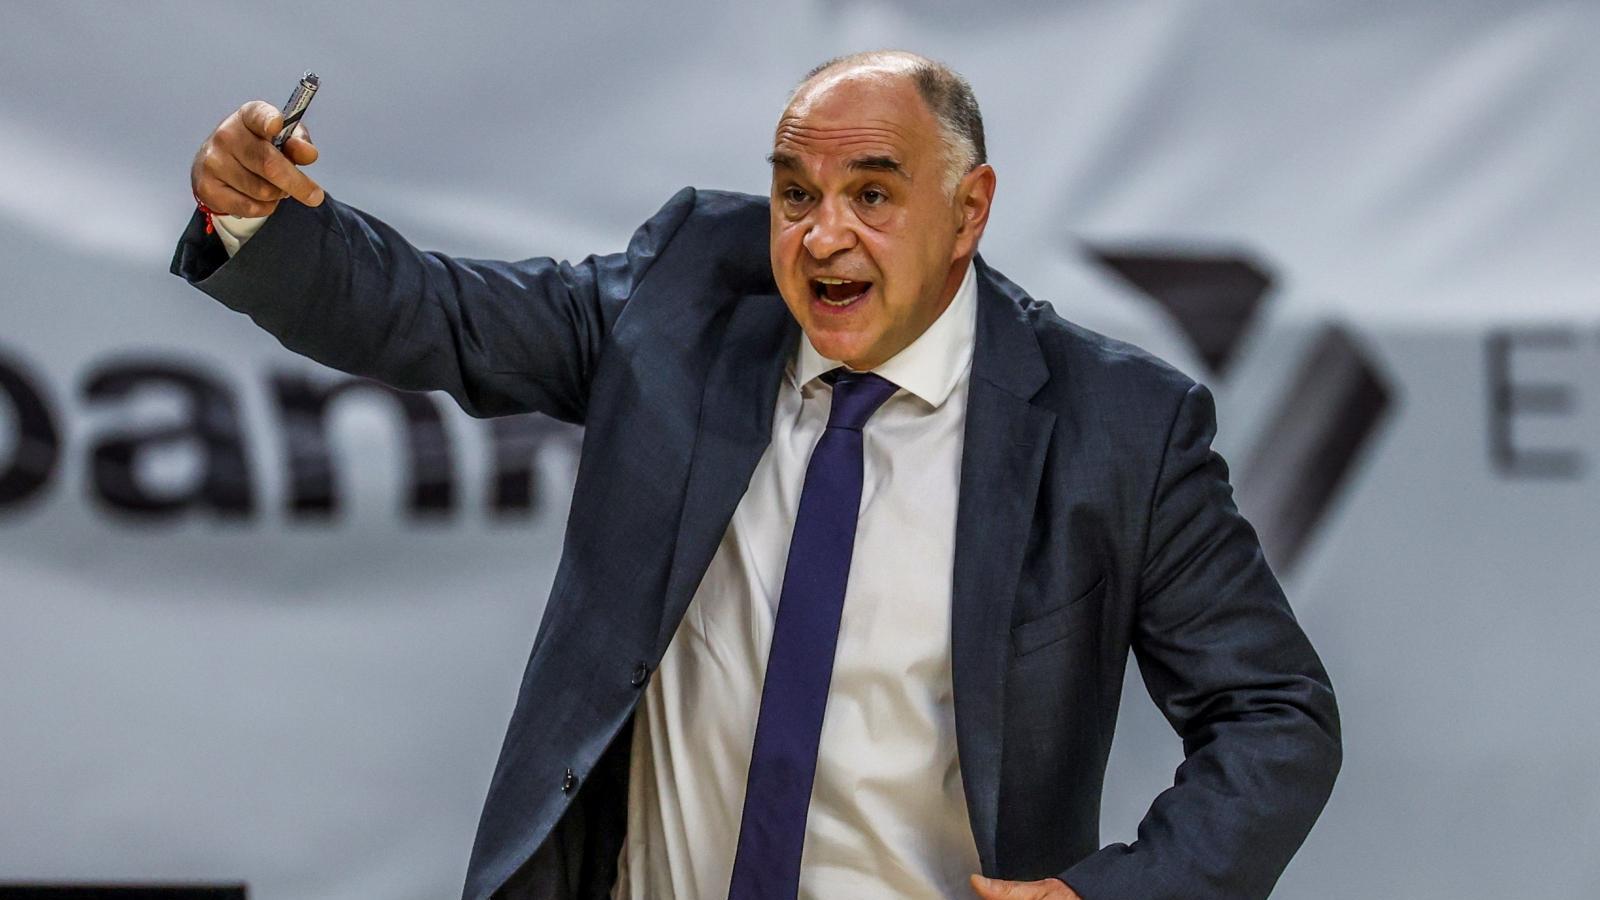 pablo-laso-entrenador-con-mas-triunfos-en-la-historia-del-real-madrid